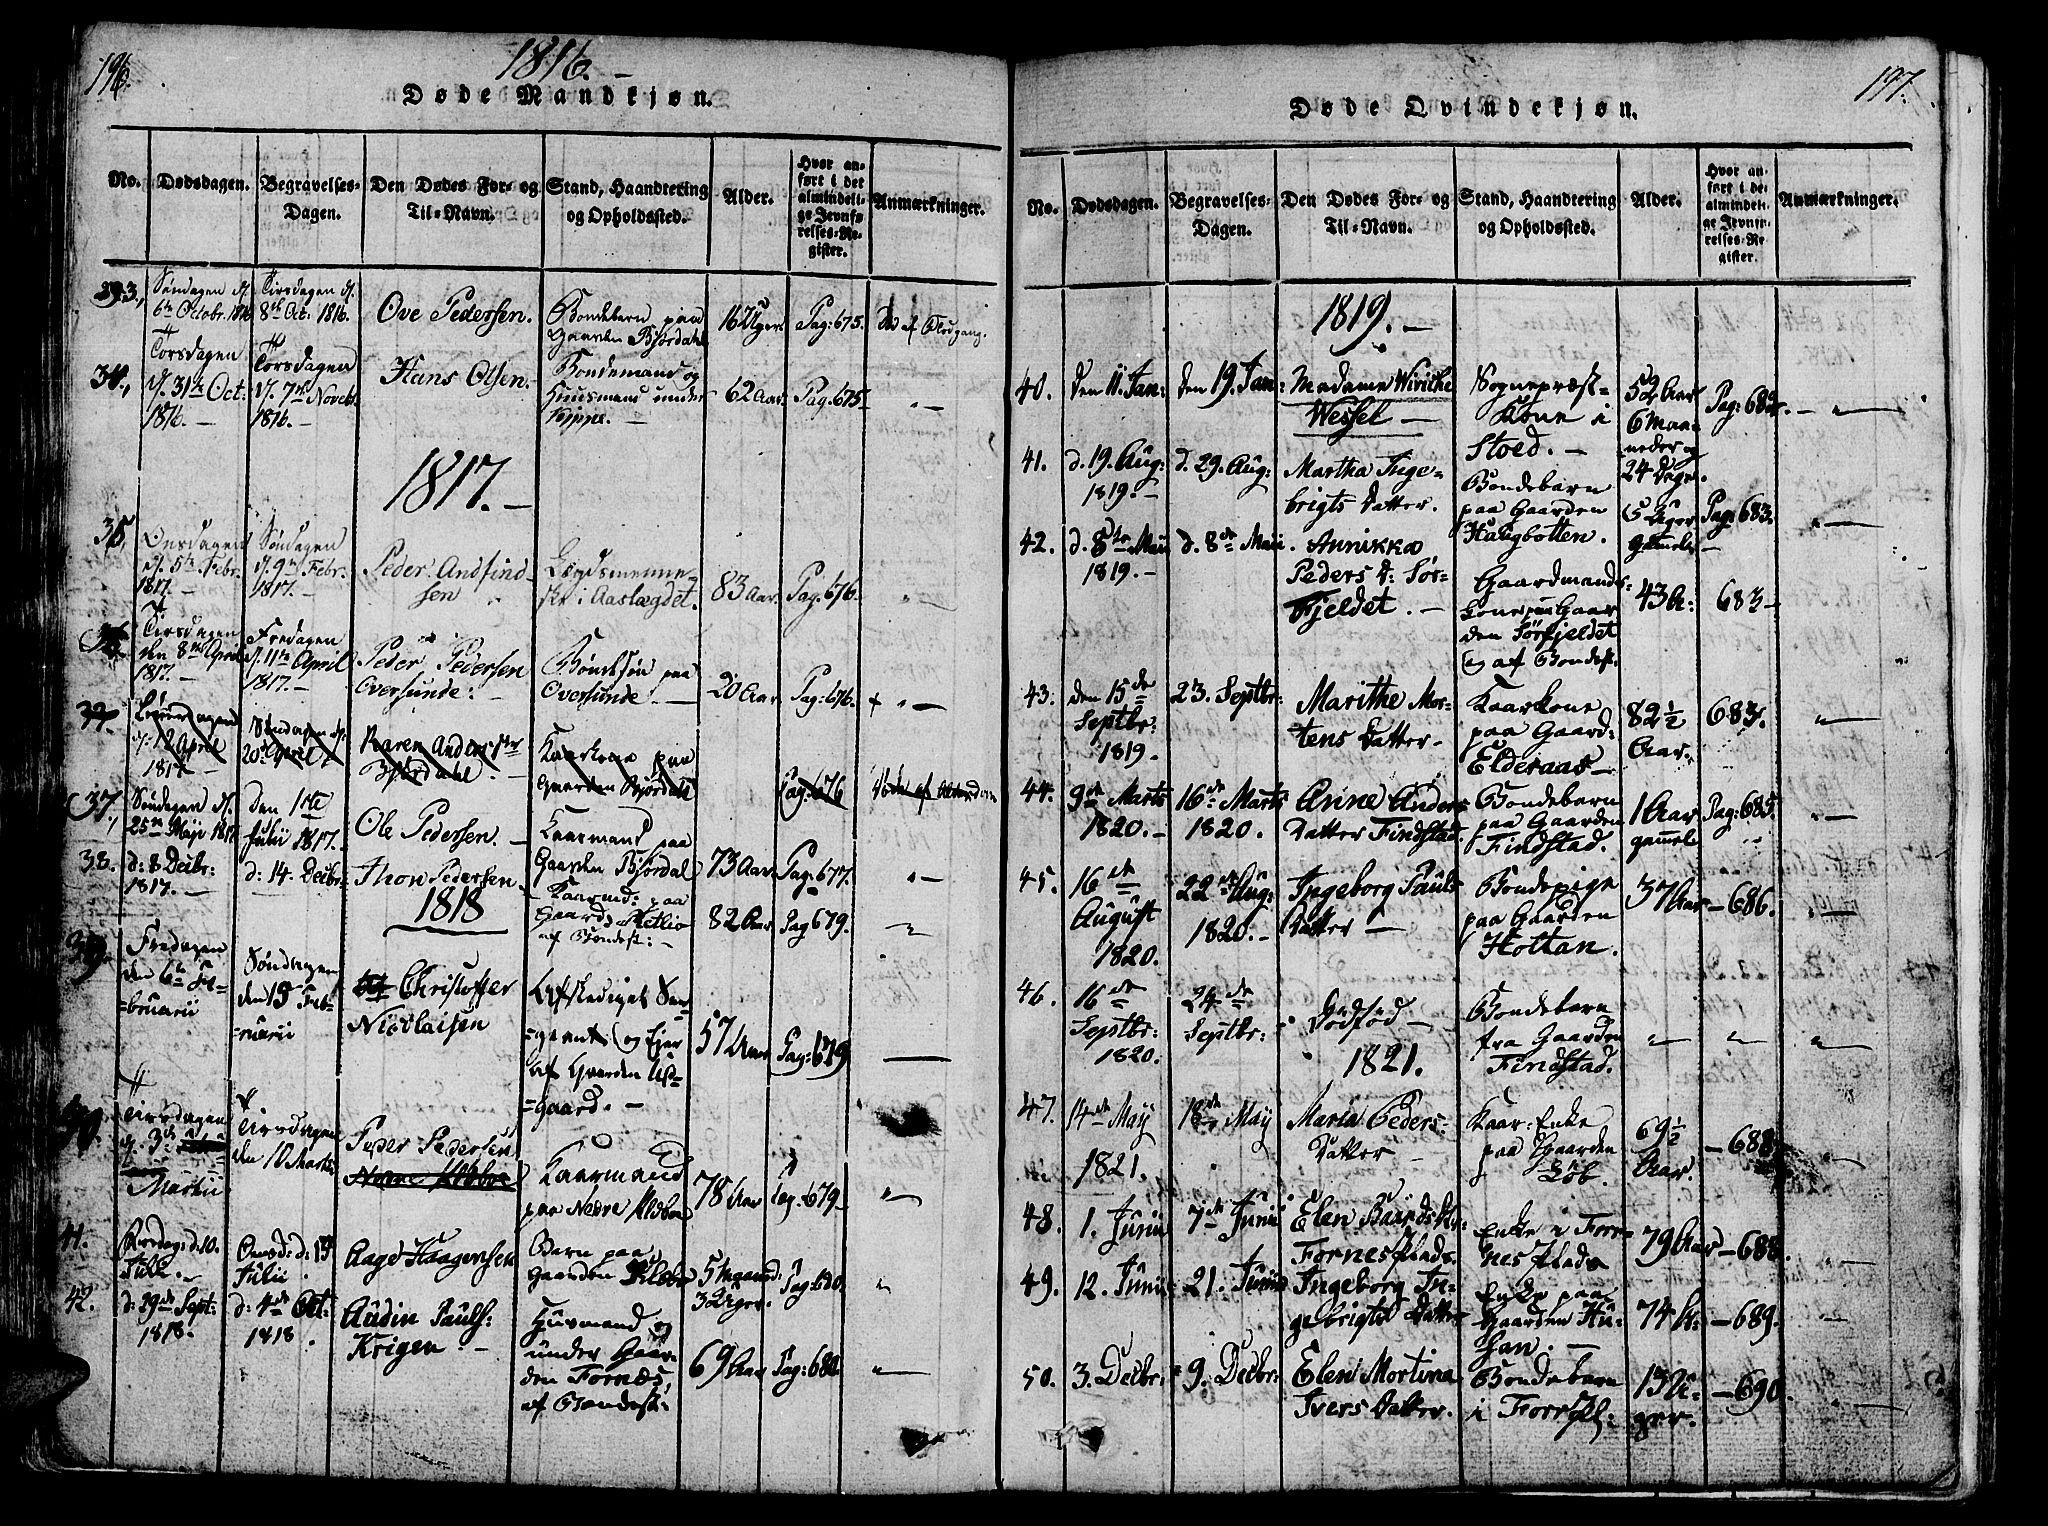 SAT, Ministerialprotokoller, klokkerbøker og fødselsregistre - Nord-Trøndelag, 746/L0441: Ministerialbok nr. 746A03 /1, 1816-1827, s. 196-197